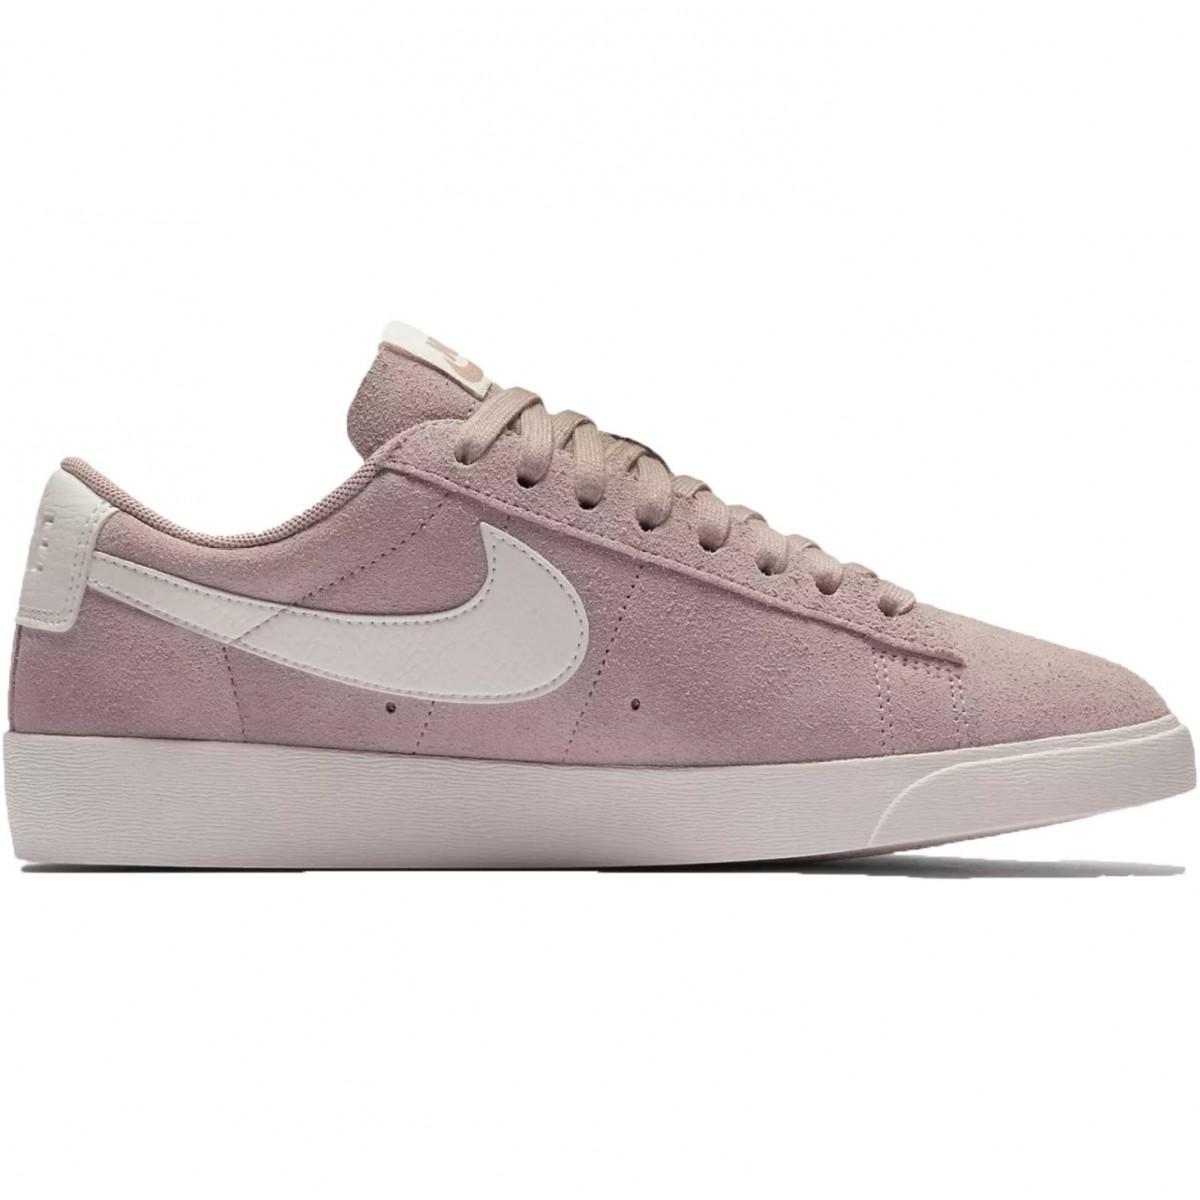 Nike Blazer Low Suede Sneaker